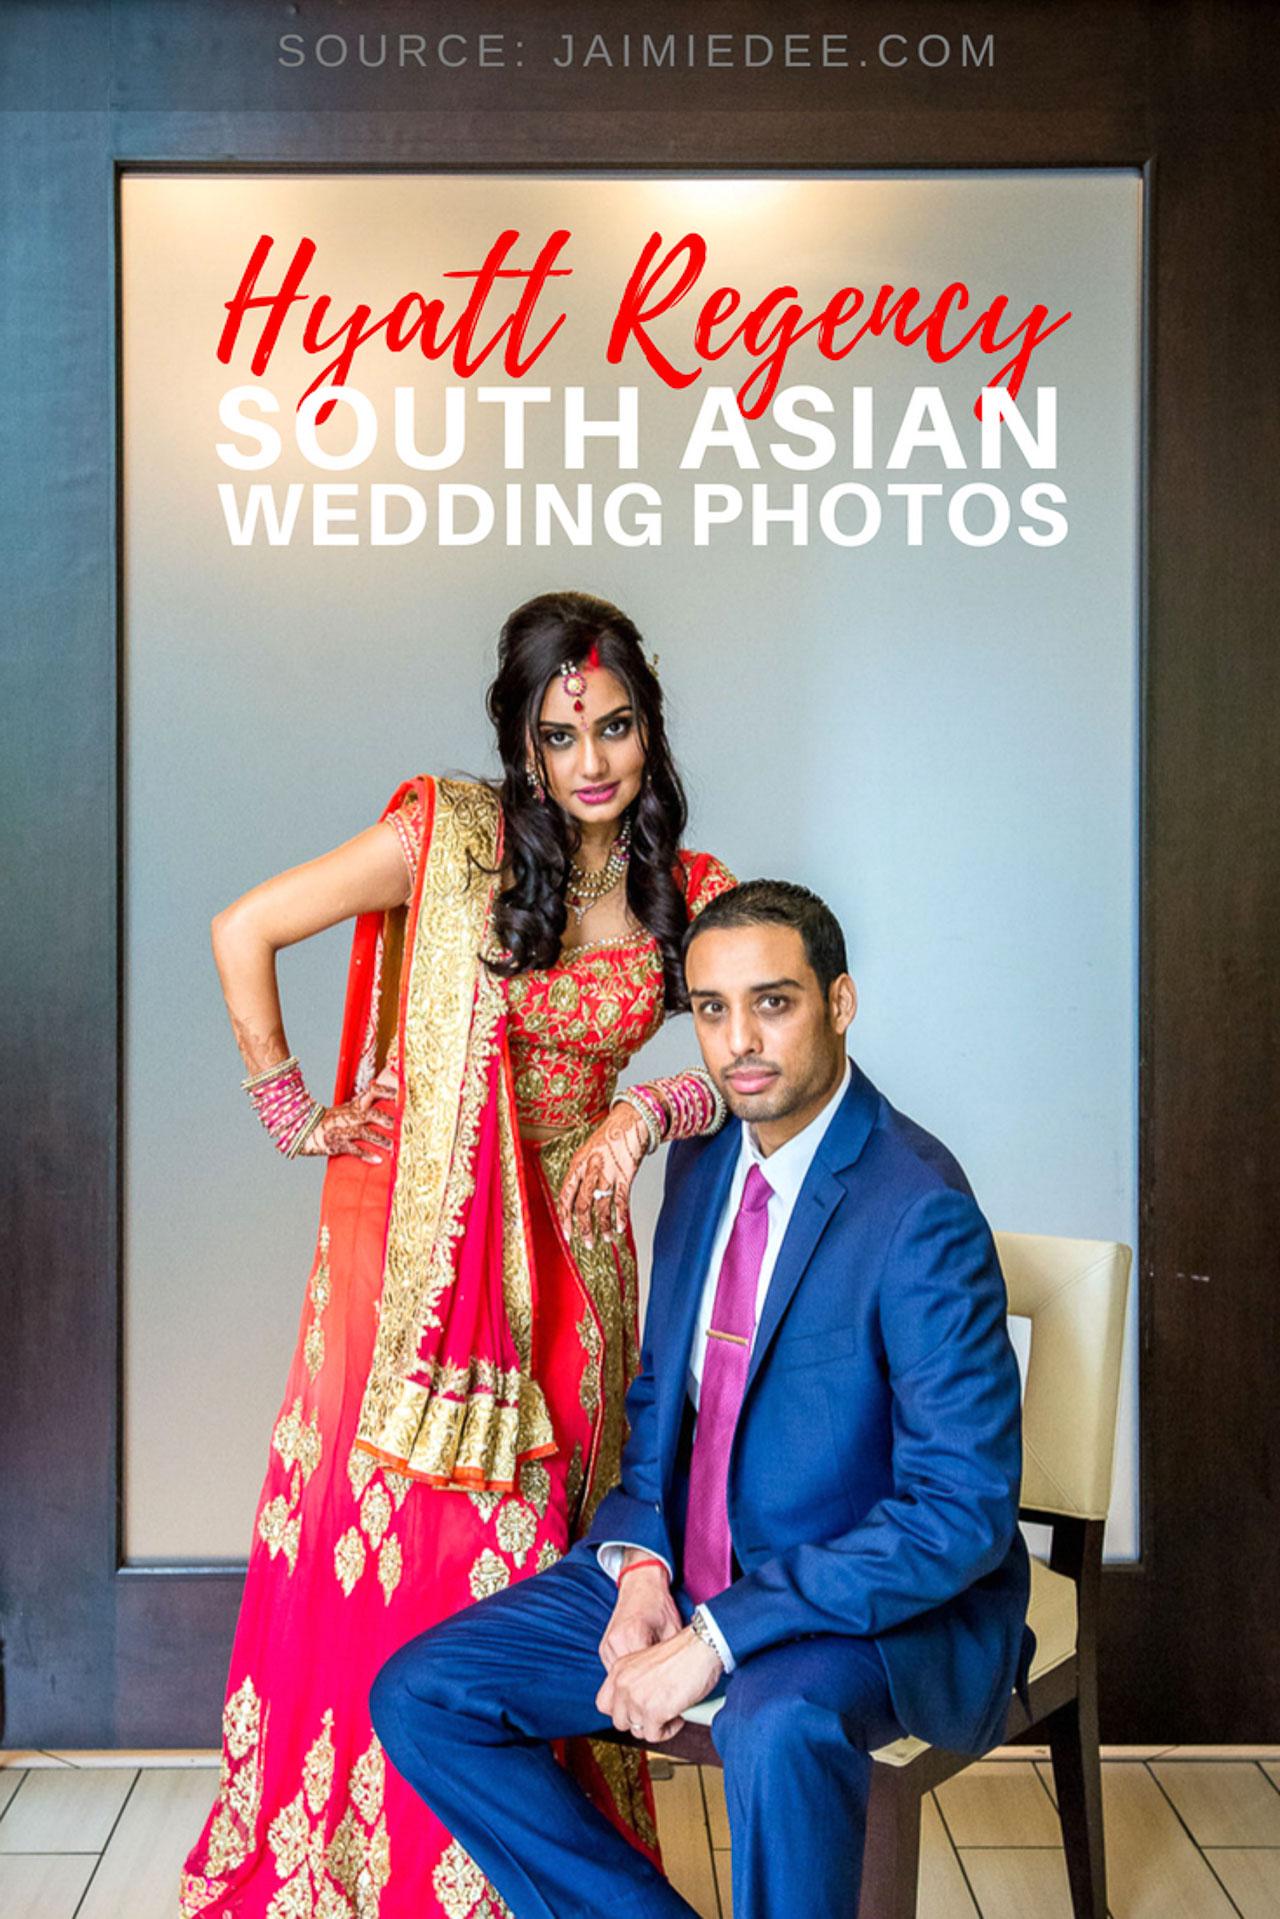 Hyatt-Regency-Suites-Atlanta-Northwest-Indian-Wedding-Cover-0001